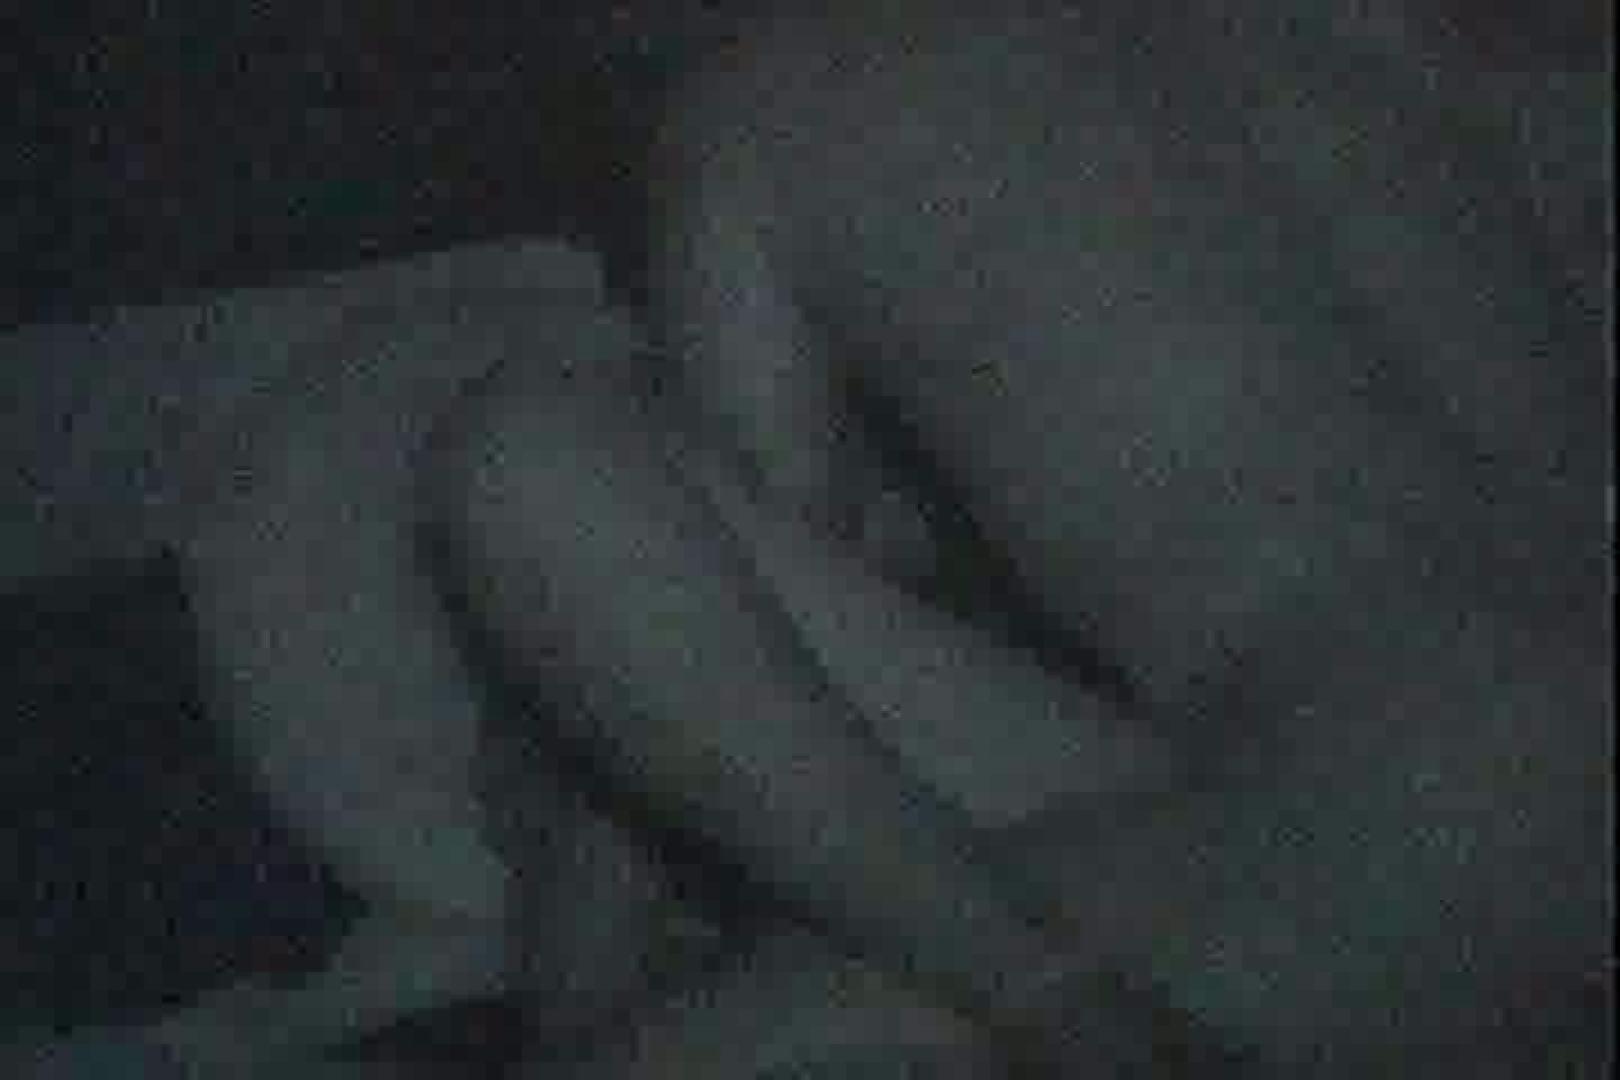 充血監督の深夜の運動会Vol.39 エロティックなOL セックス無修正動画無料 56画像 38